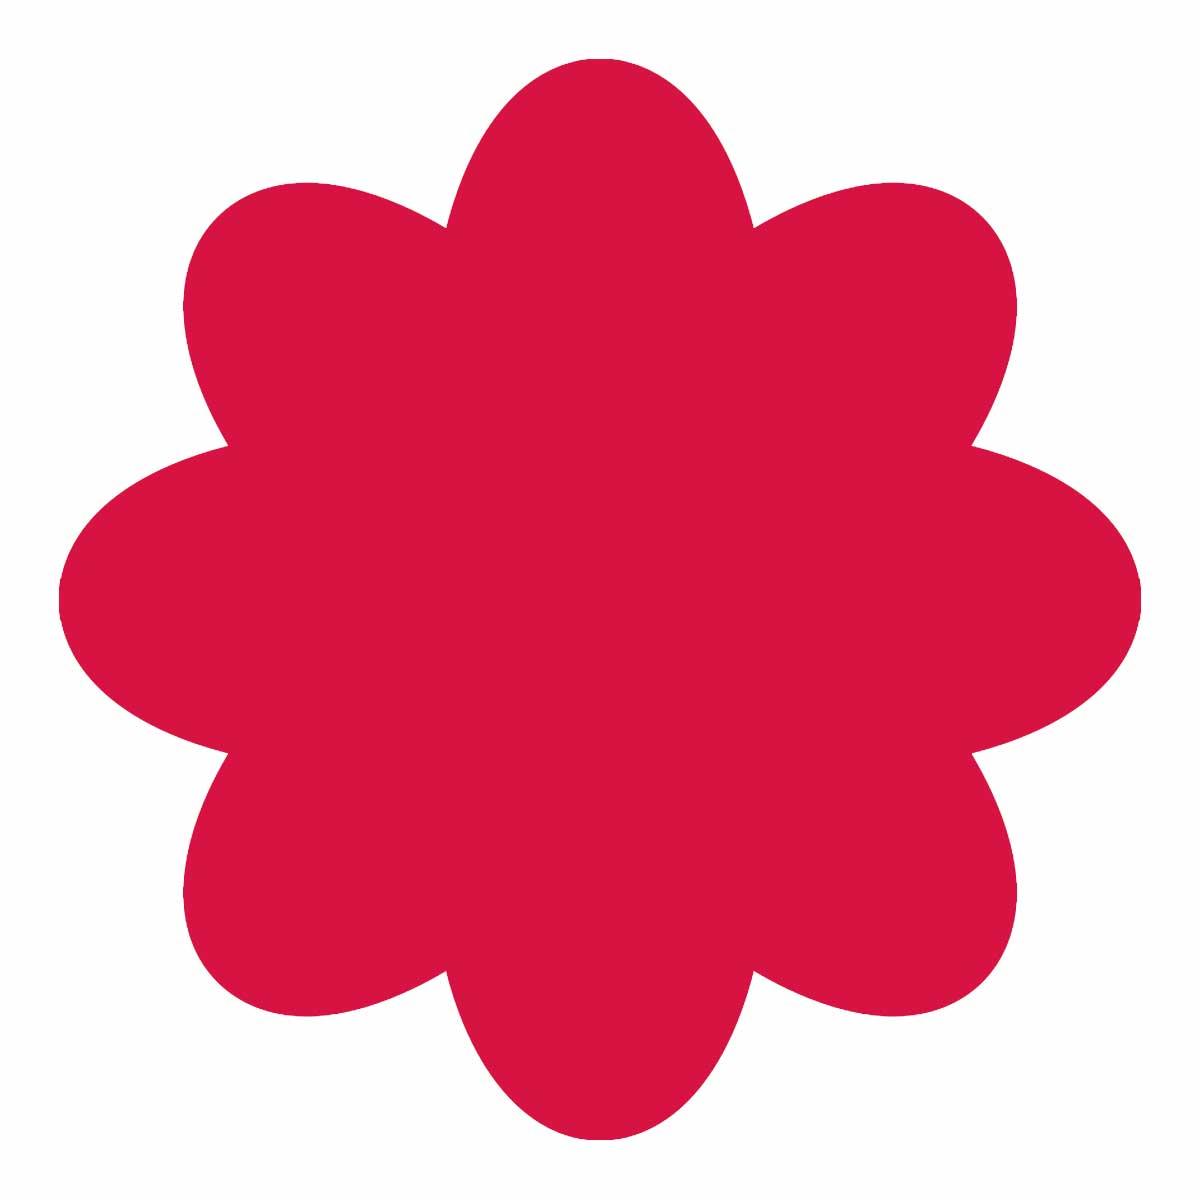 Delta Ceramcoat ® Acrylic Paint - Celebration Red, 2 oz. - 04084